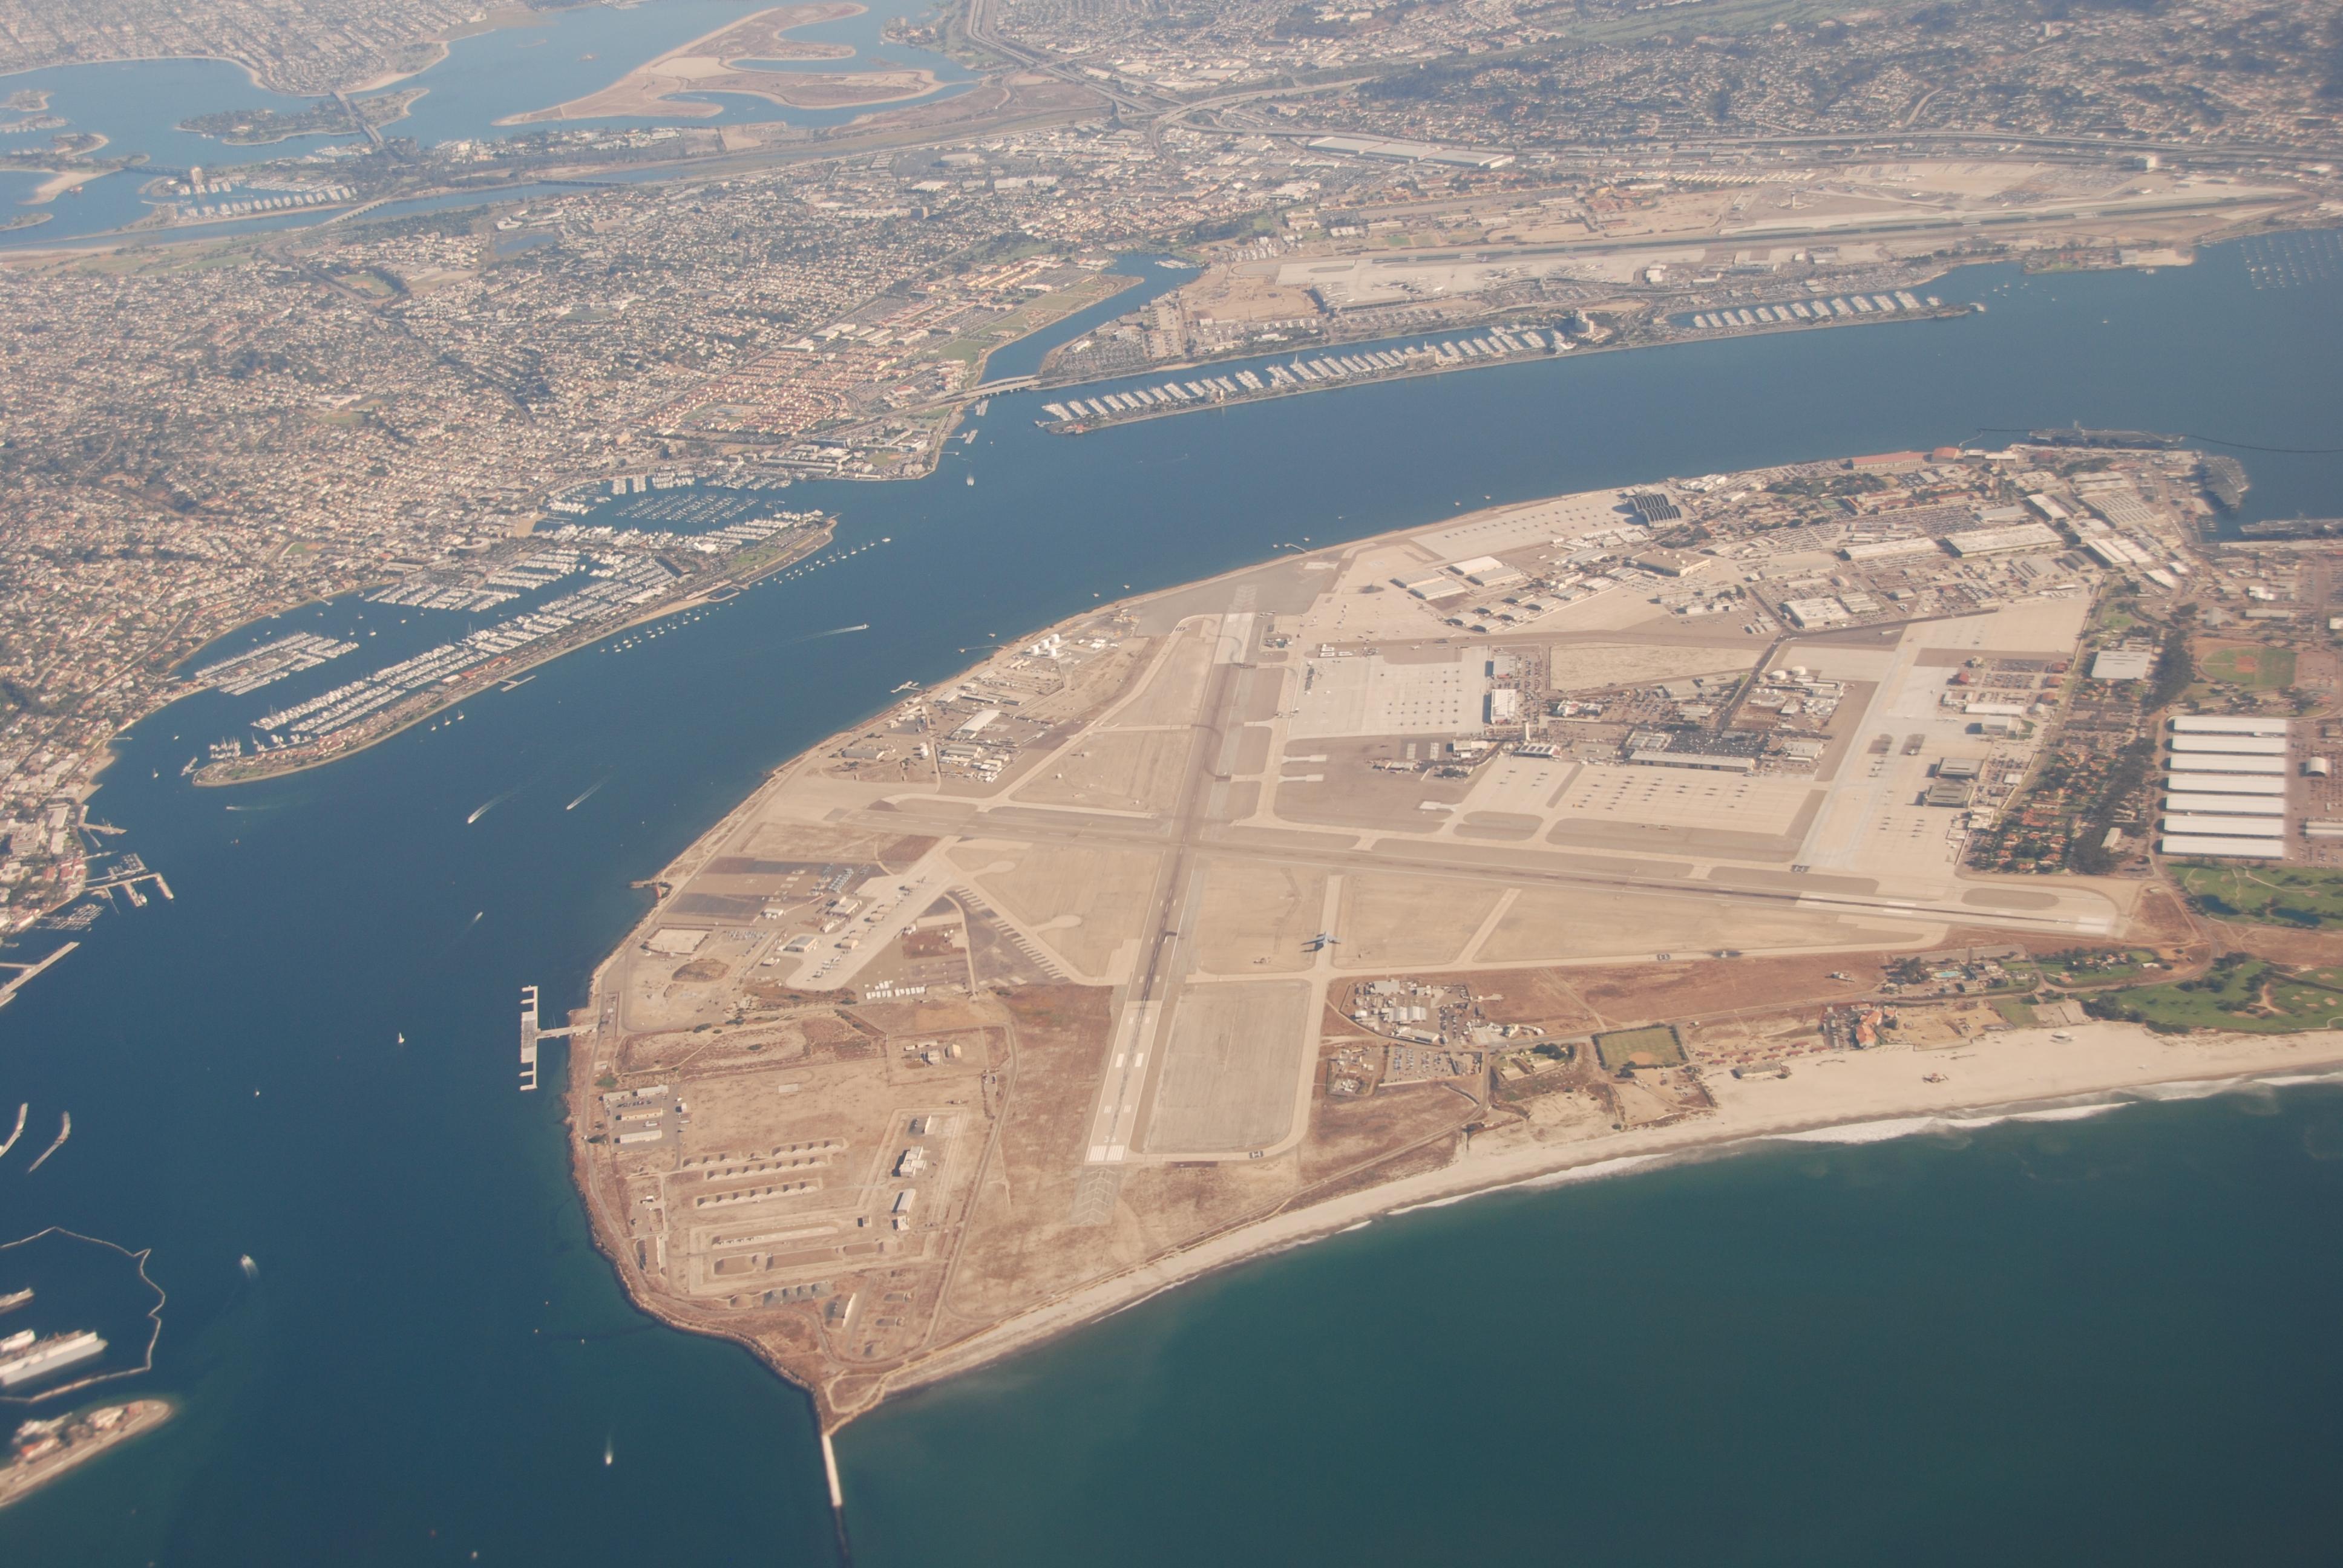 North County Island San Diego